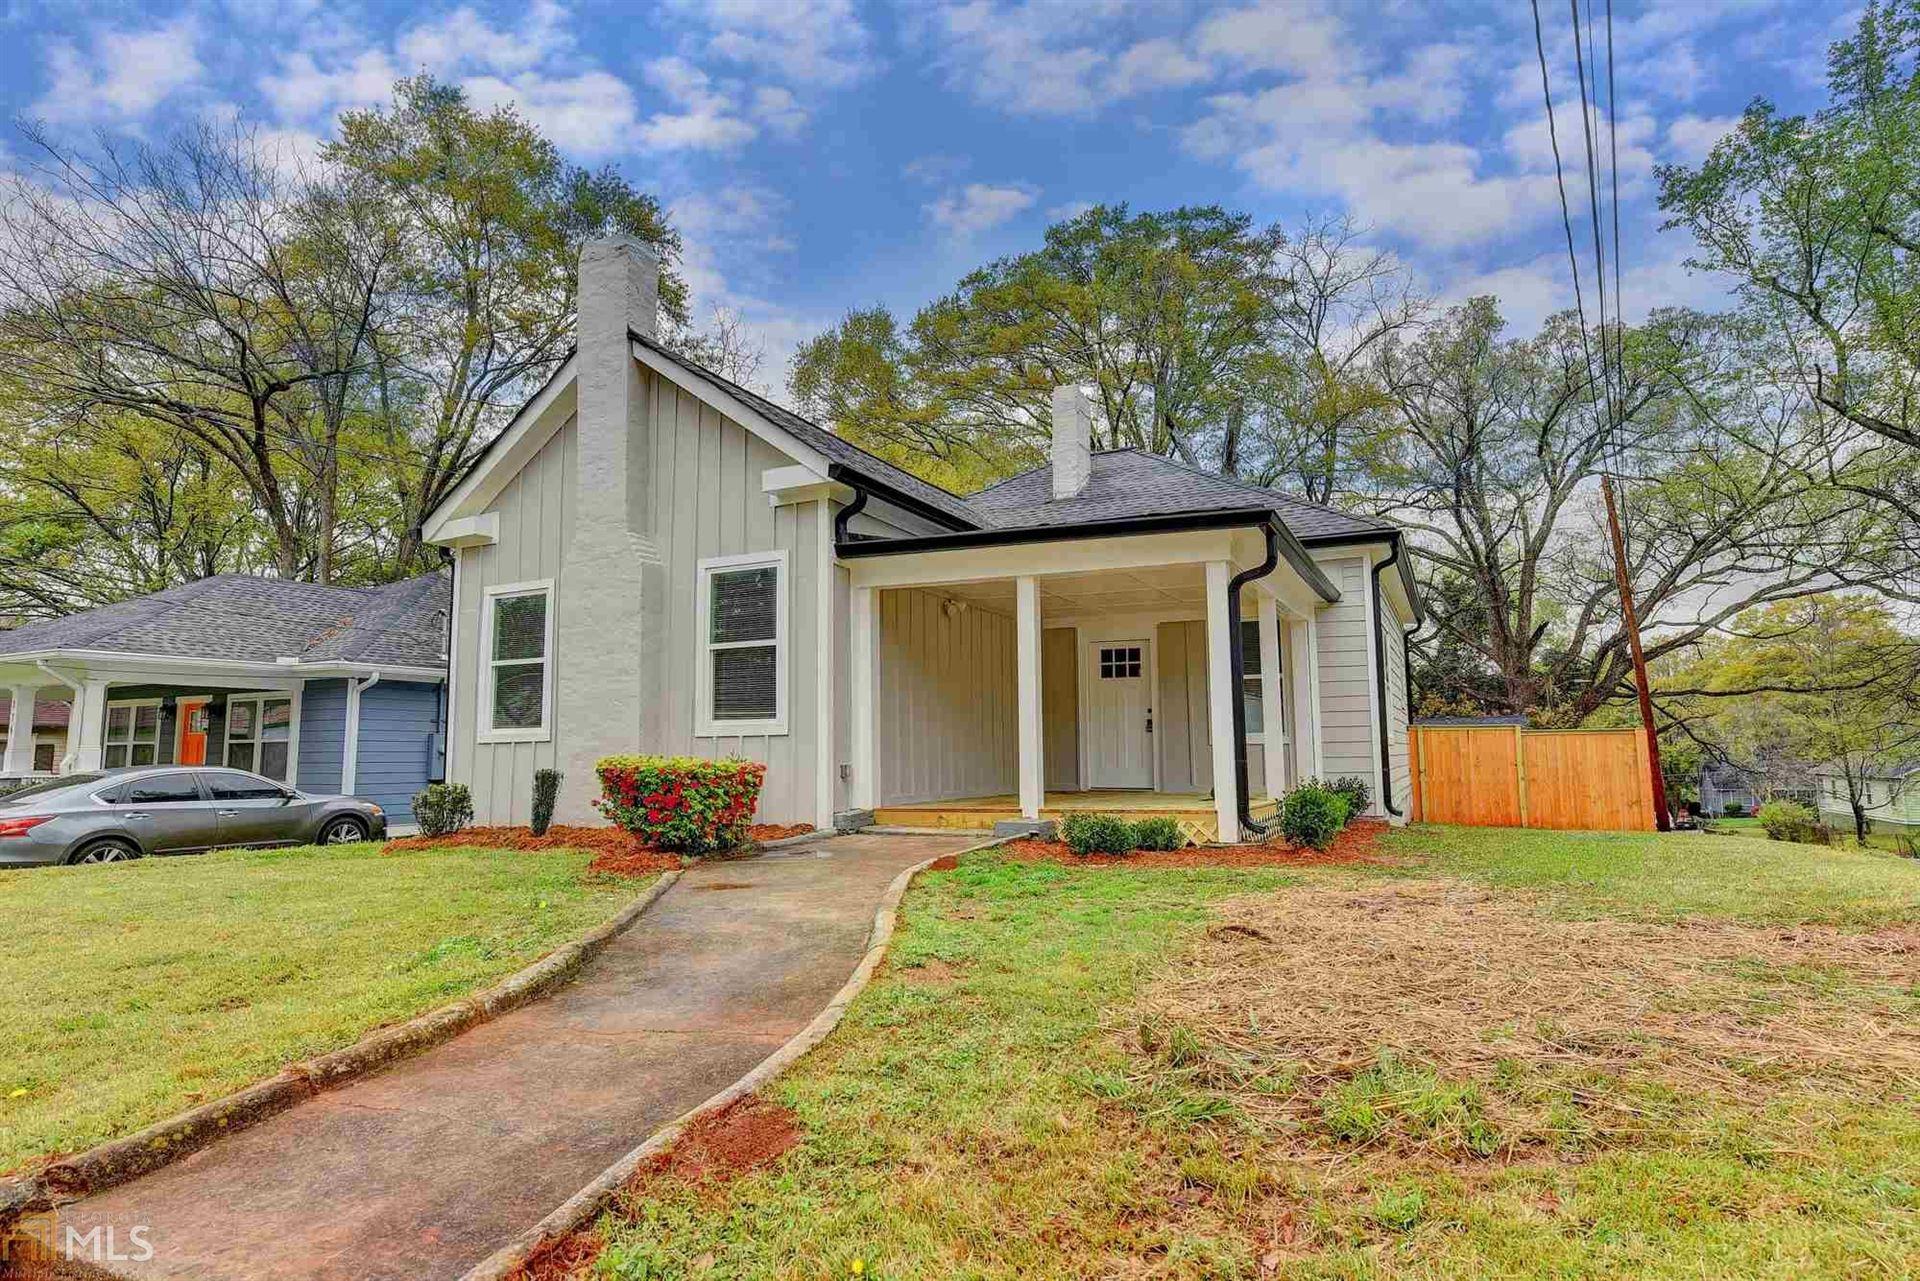 140 Adair Ave, Atlanta, GA 30315 - #: 8951119